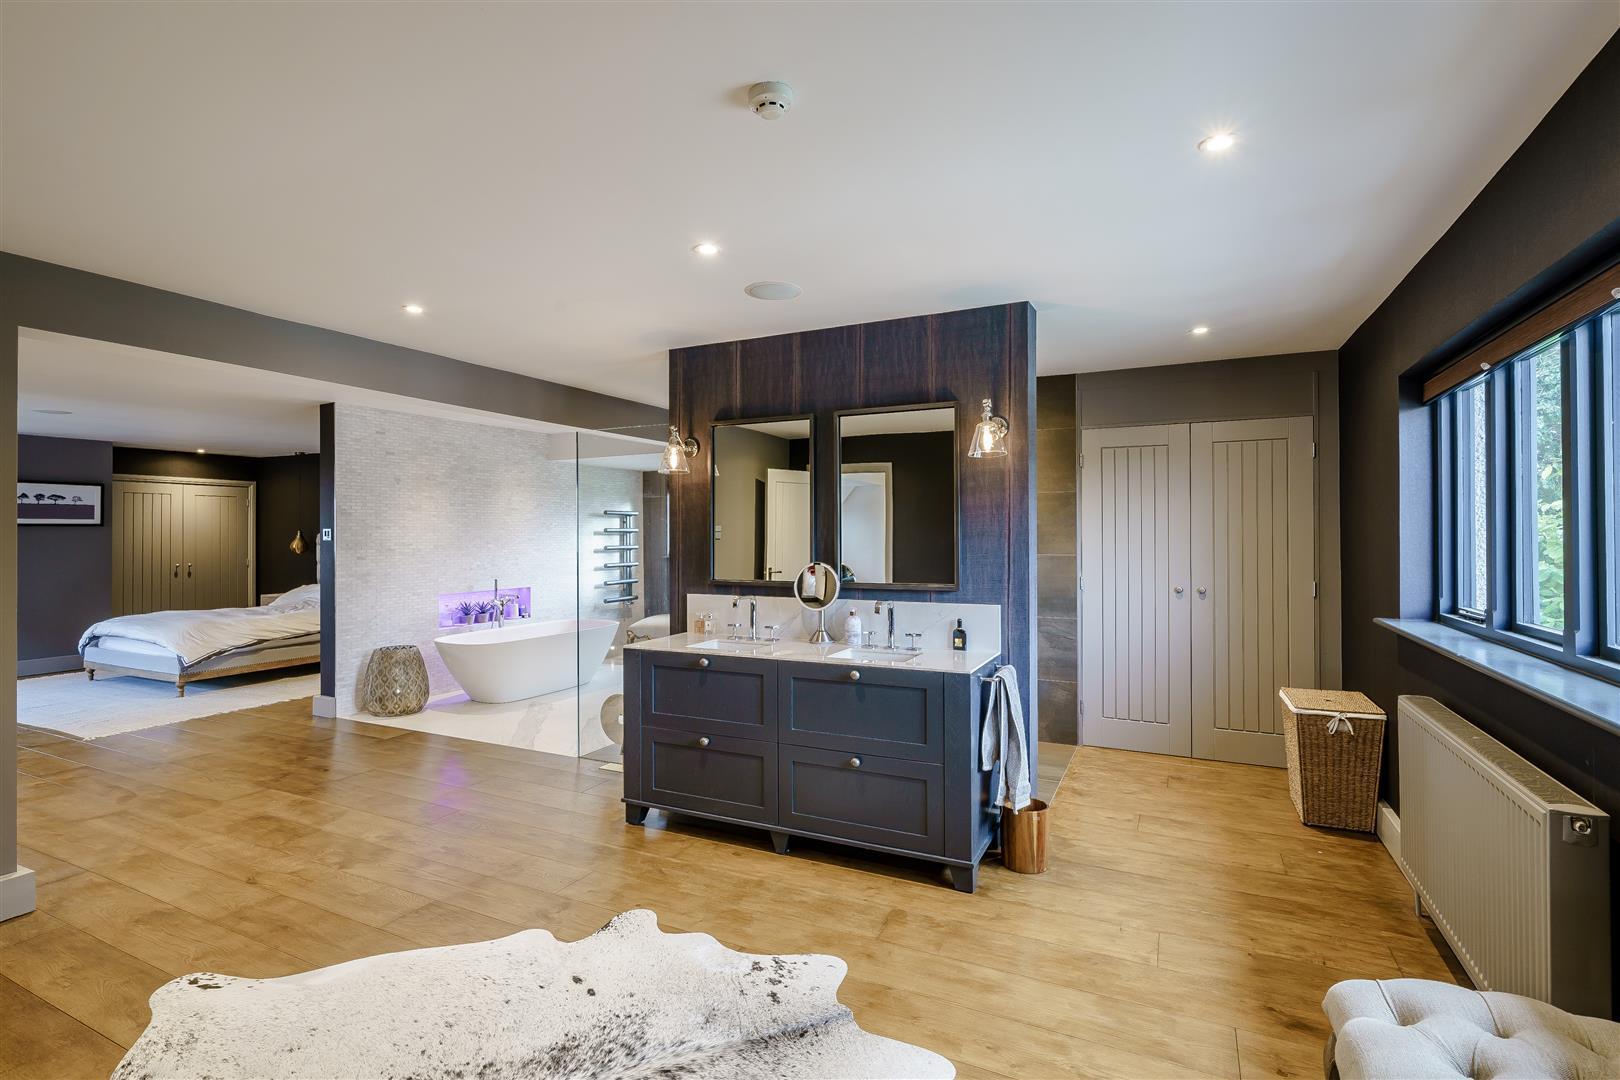 Rowstock Manor - Gallery Image 16 - Principal Bathroom